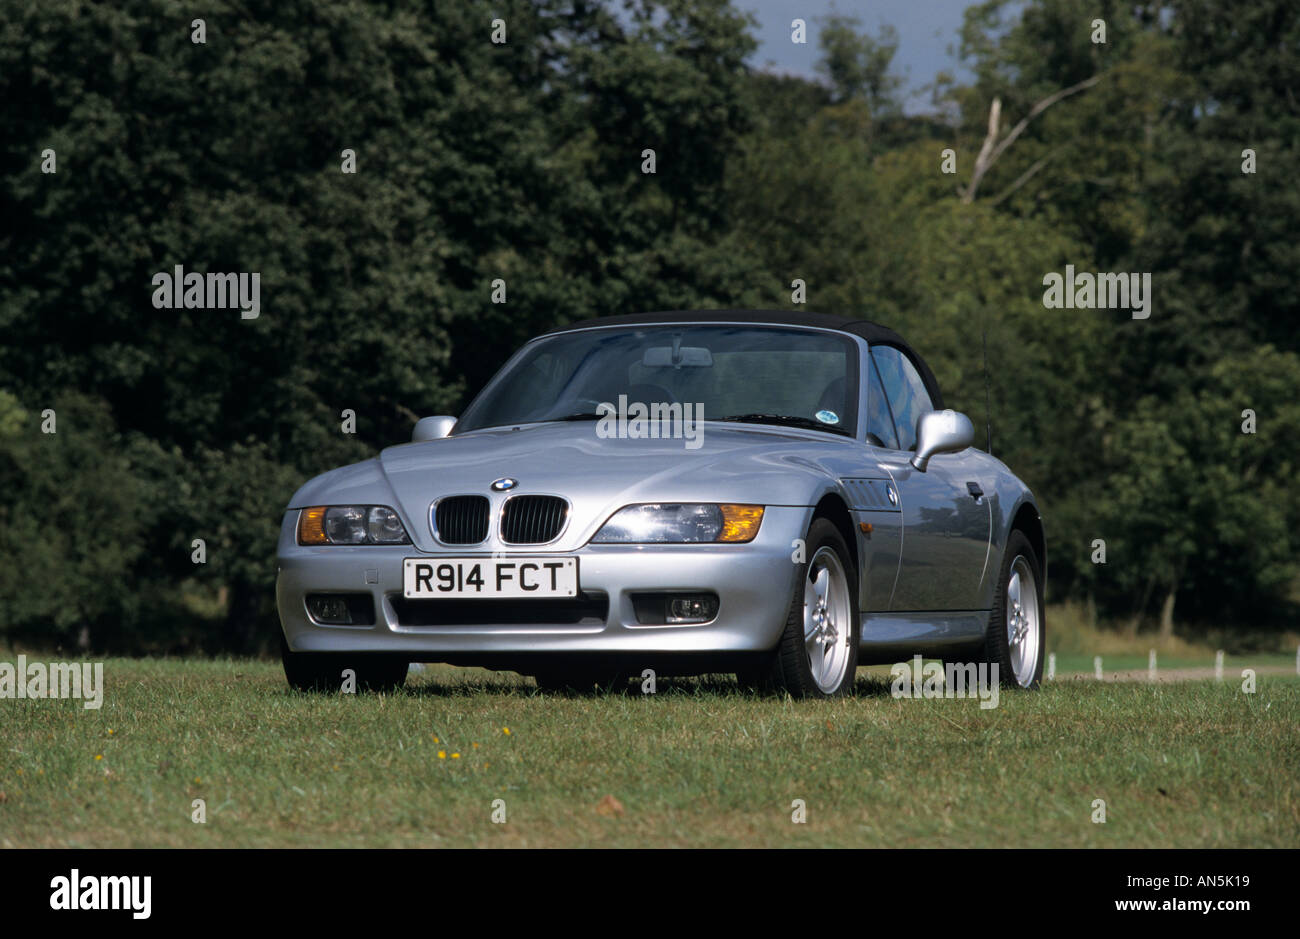 bmw z3 1996. BMW Z3 1996 To 2002 - Stock Image Bmw